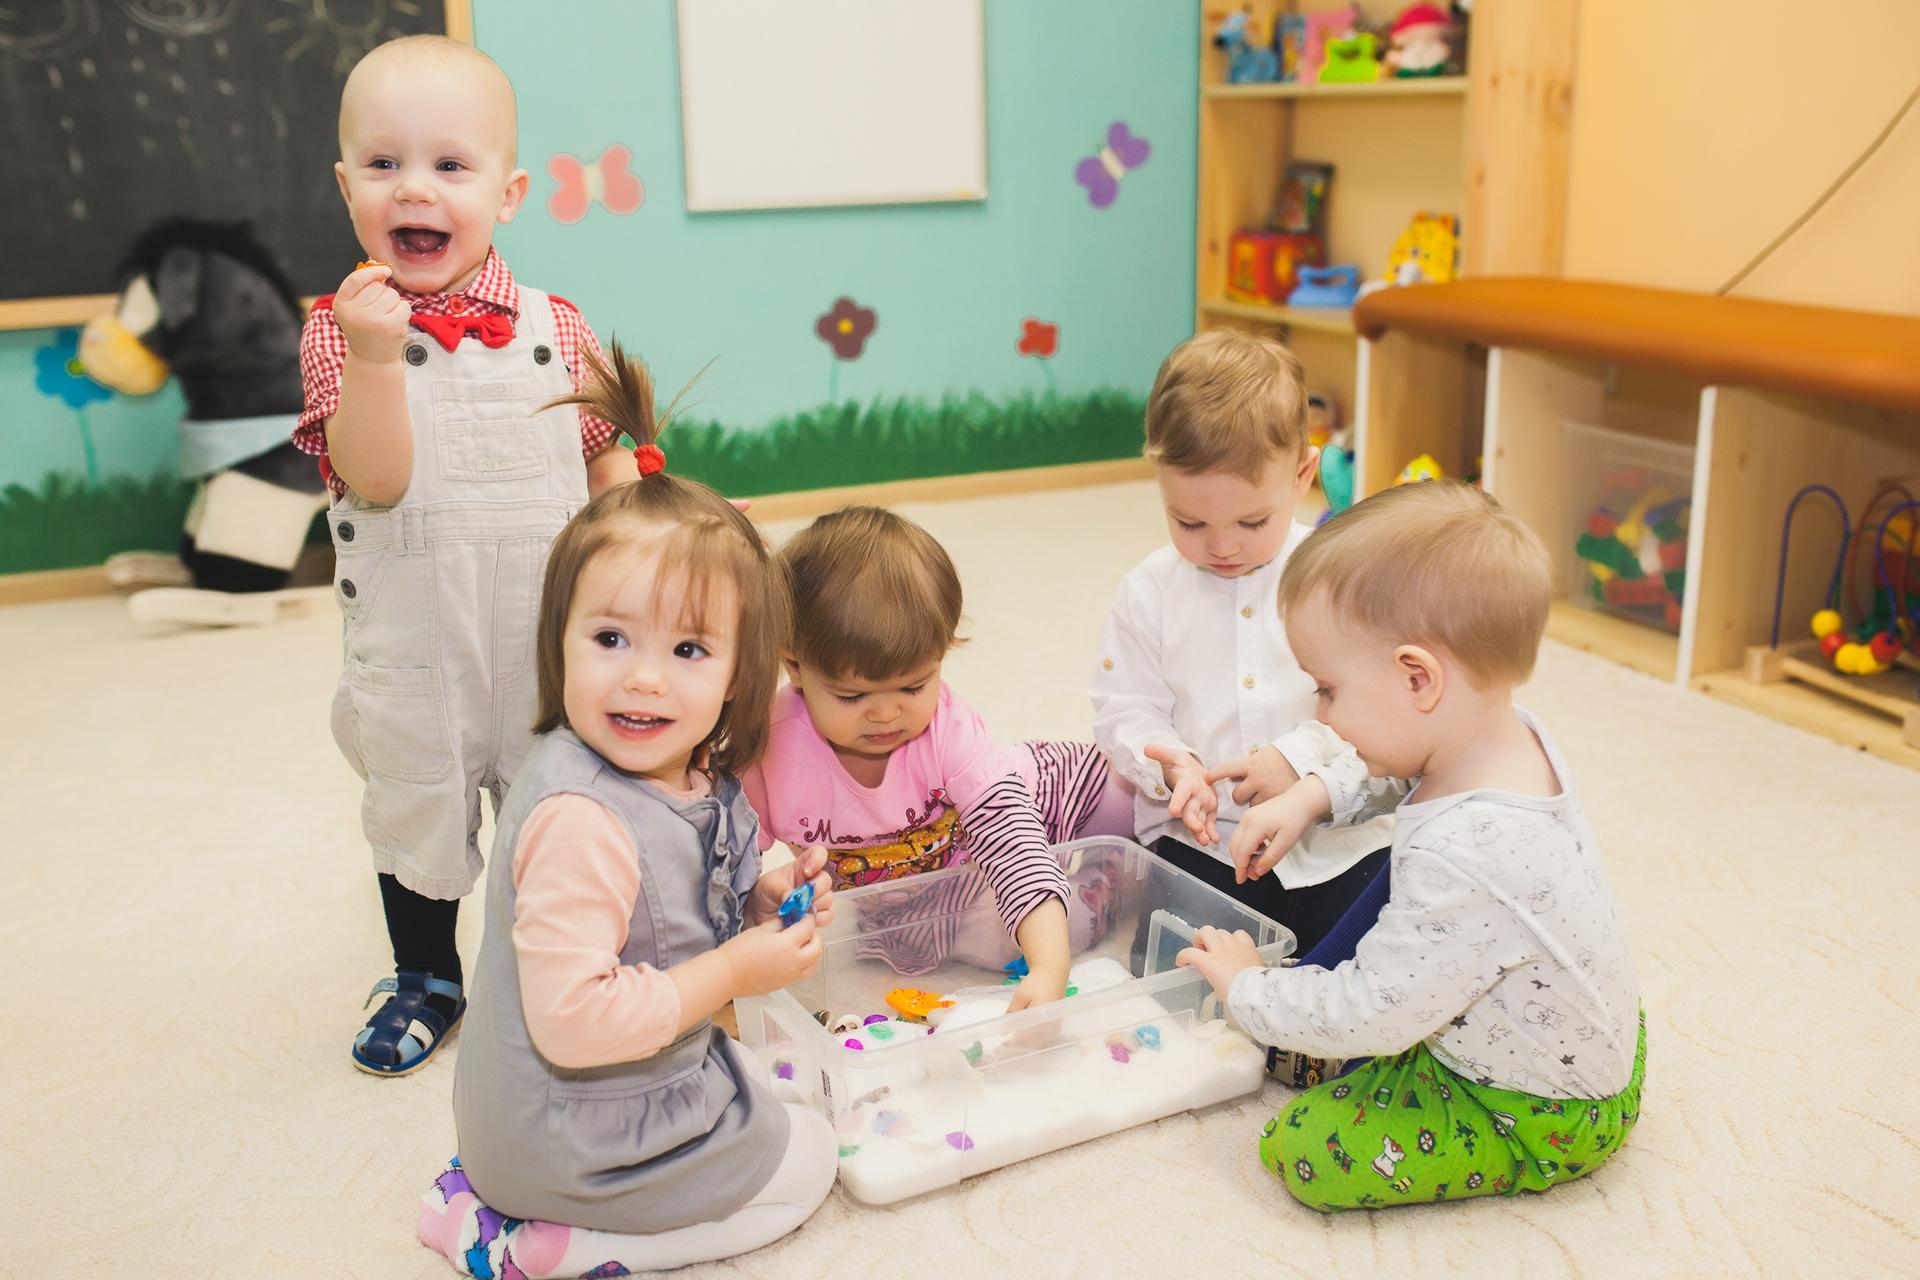 С какого возраста берут малыша в ясли или со скольки лет можно отдать ребенка в ясли или в детский сад: возрастные рамки и особенности, условия оформления • твоя семья - информационный семейный портал